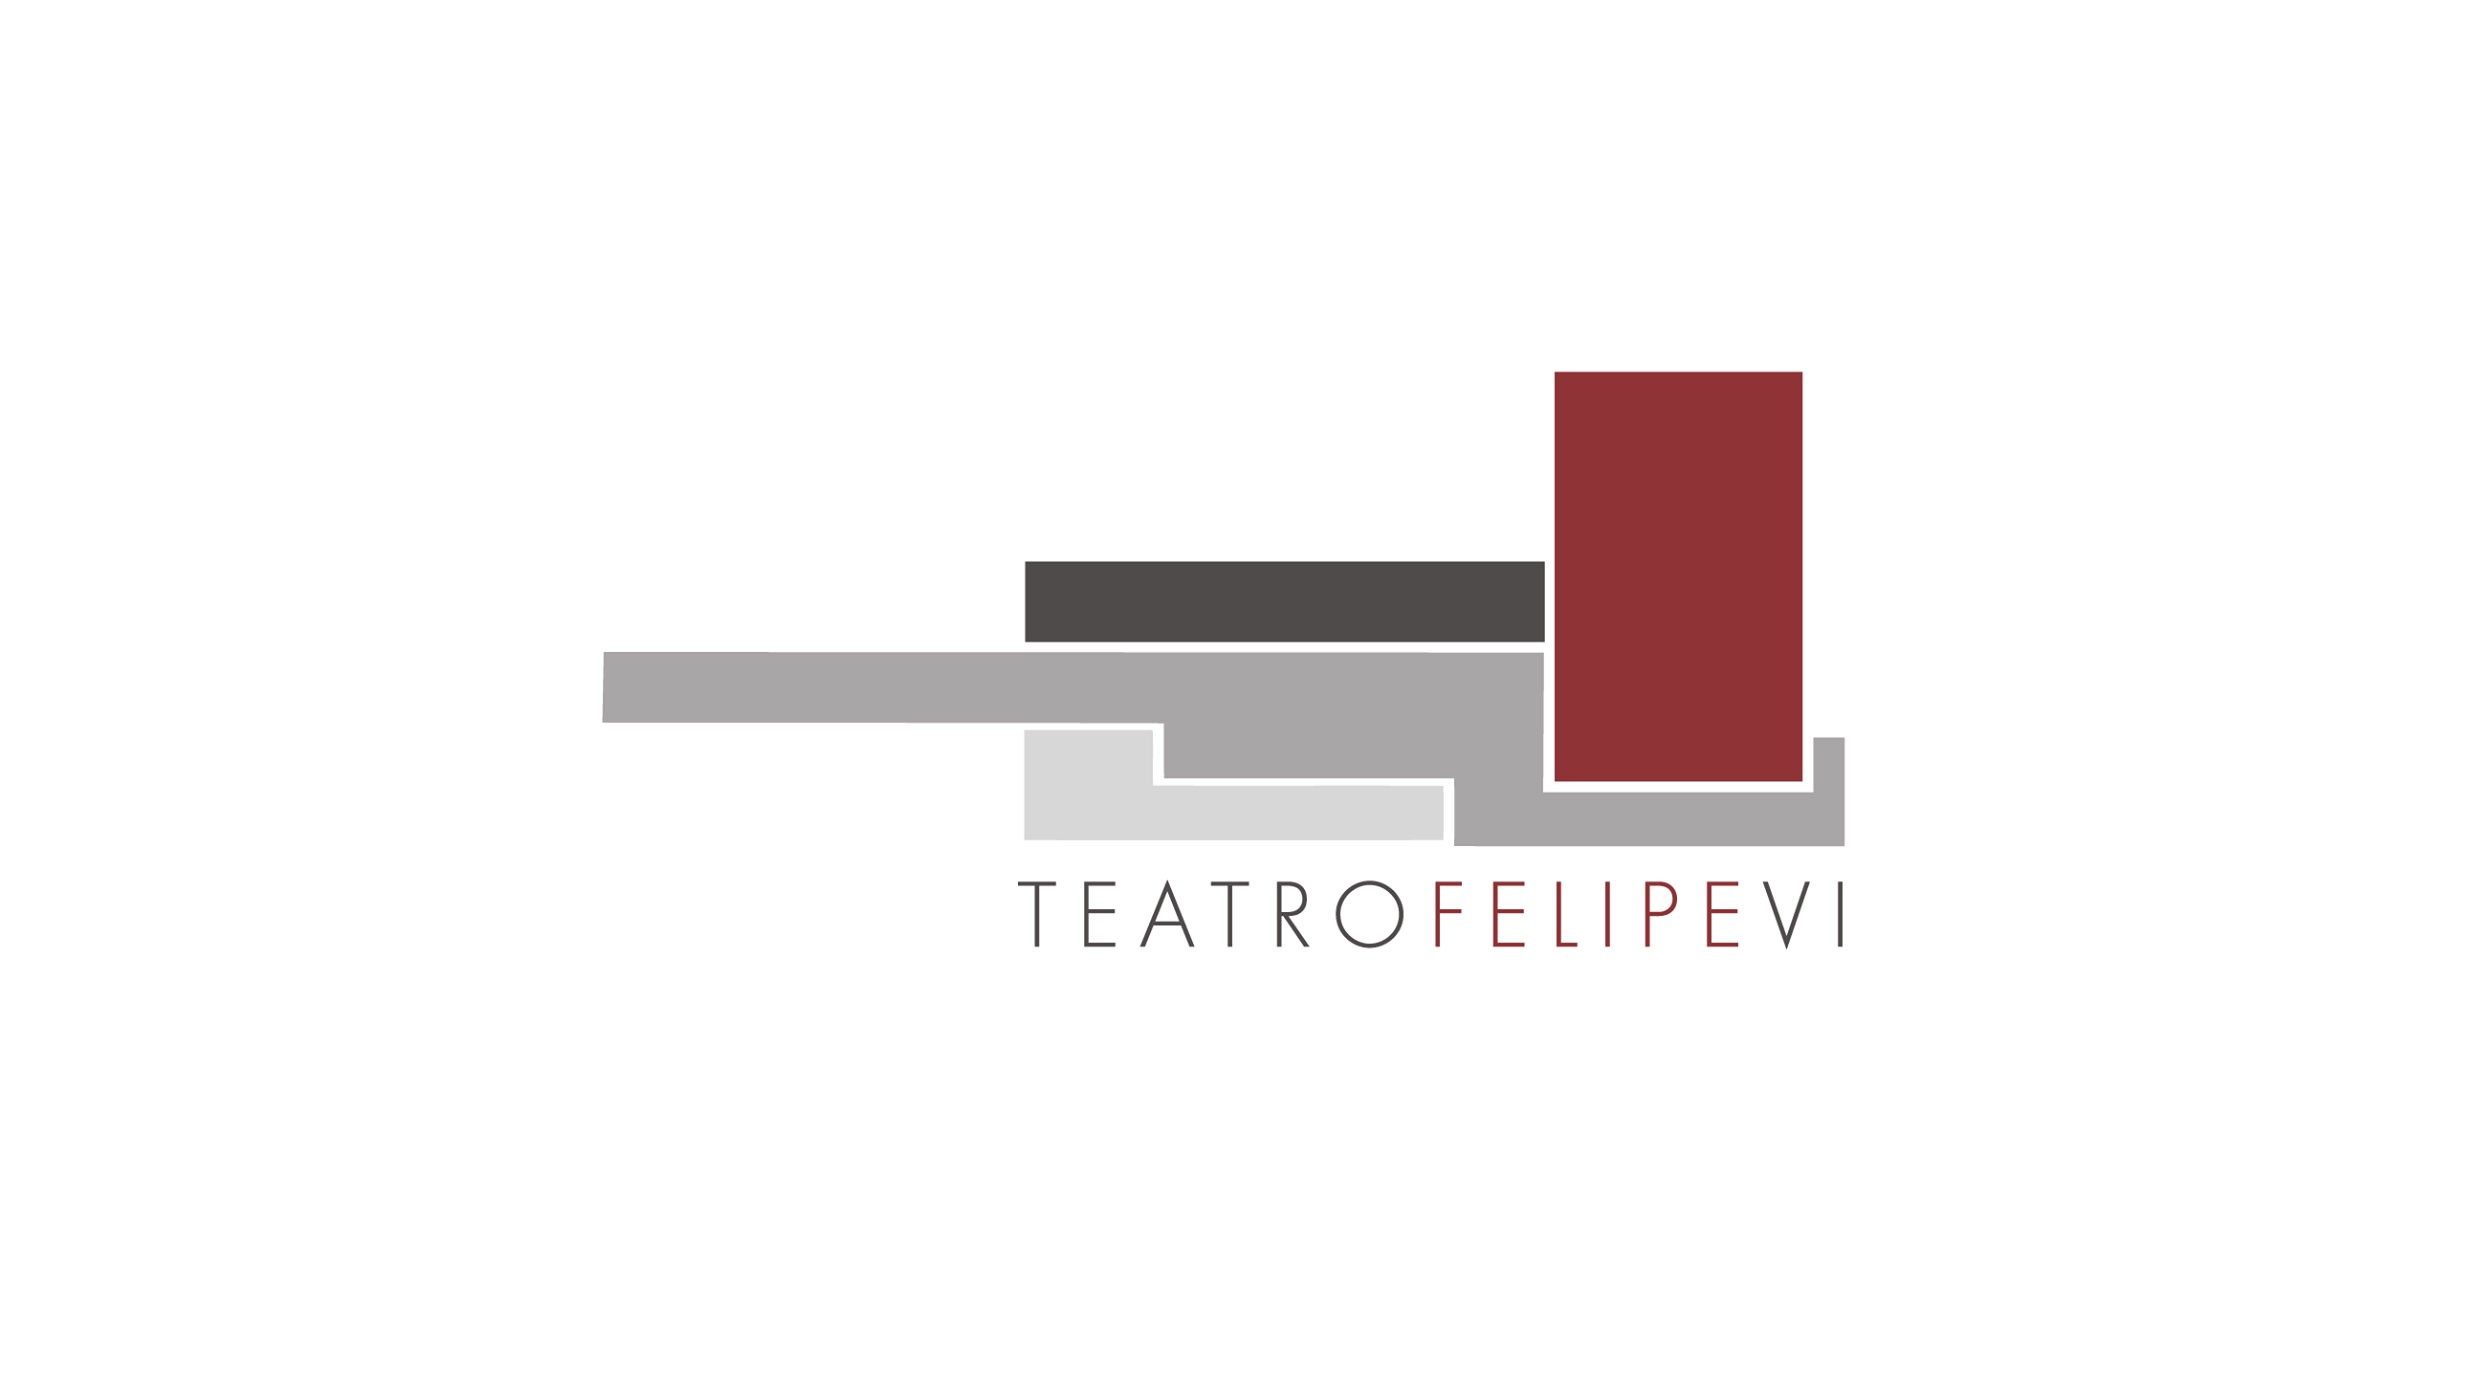 Logo de Teatro Auditorio Felipe VI